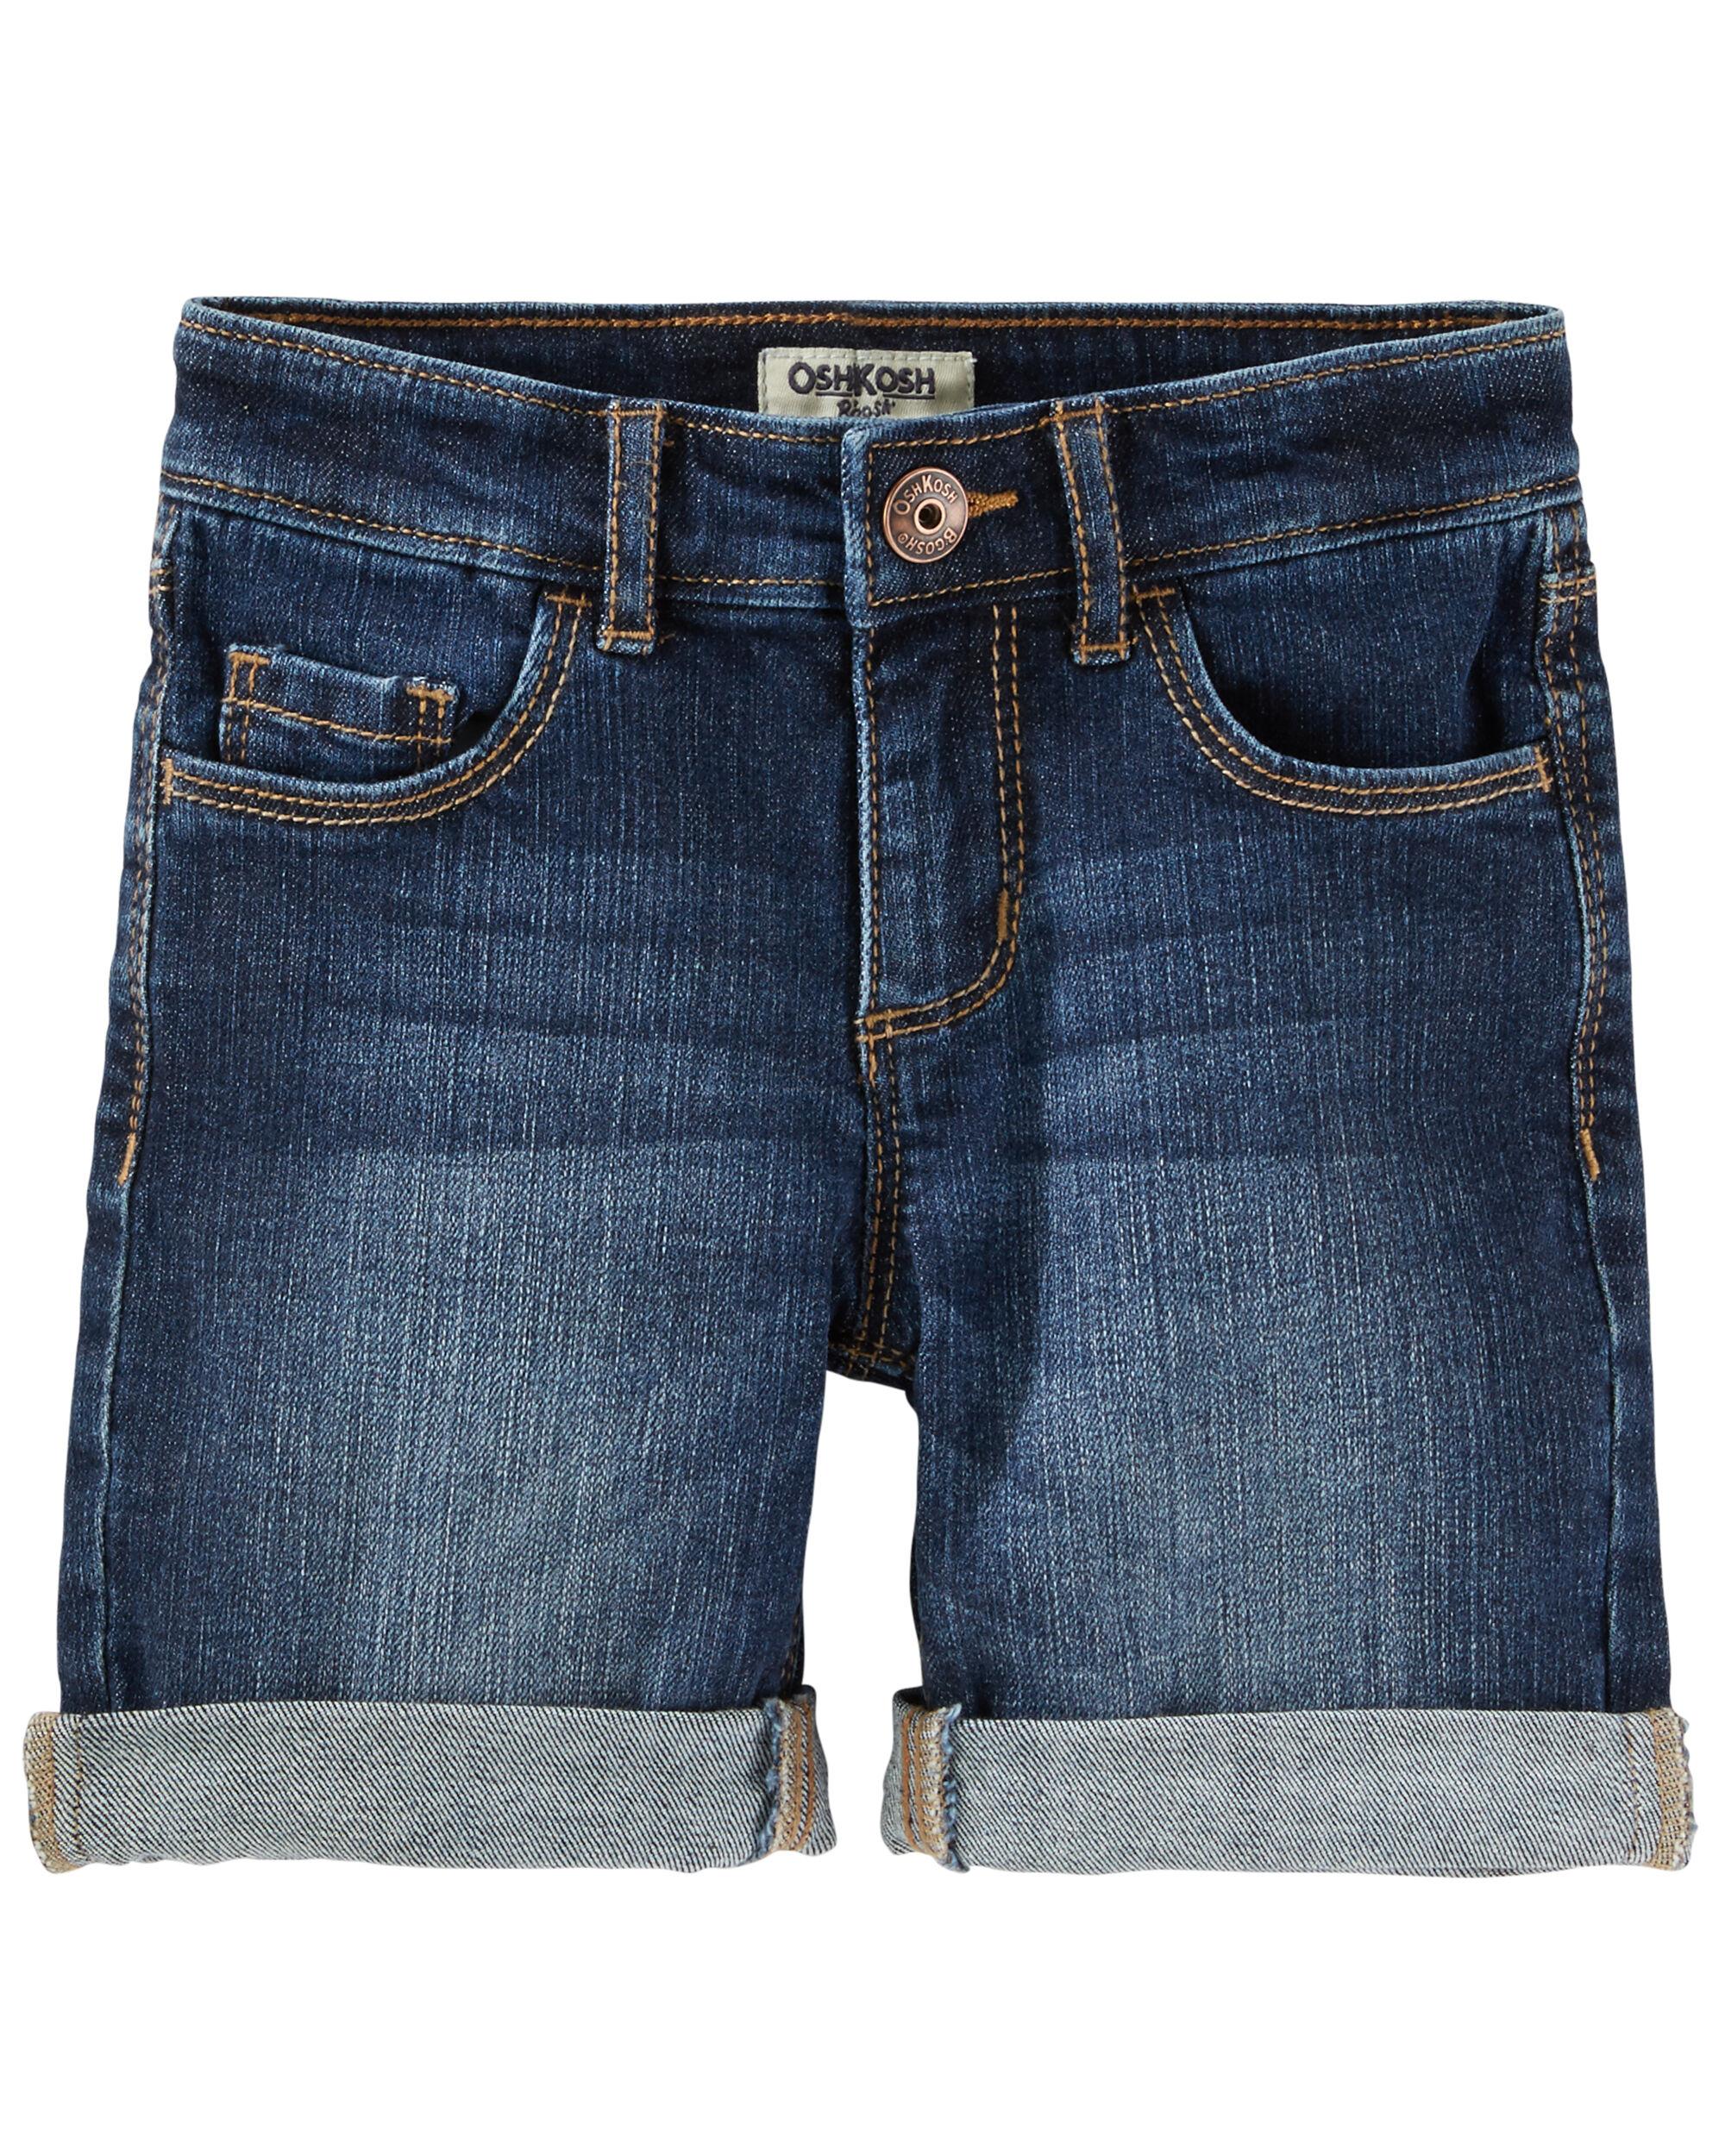 Denim Shorts - Dragonfly Blue Wash